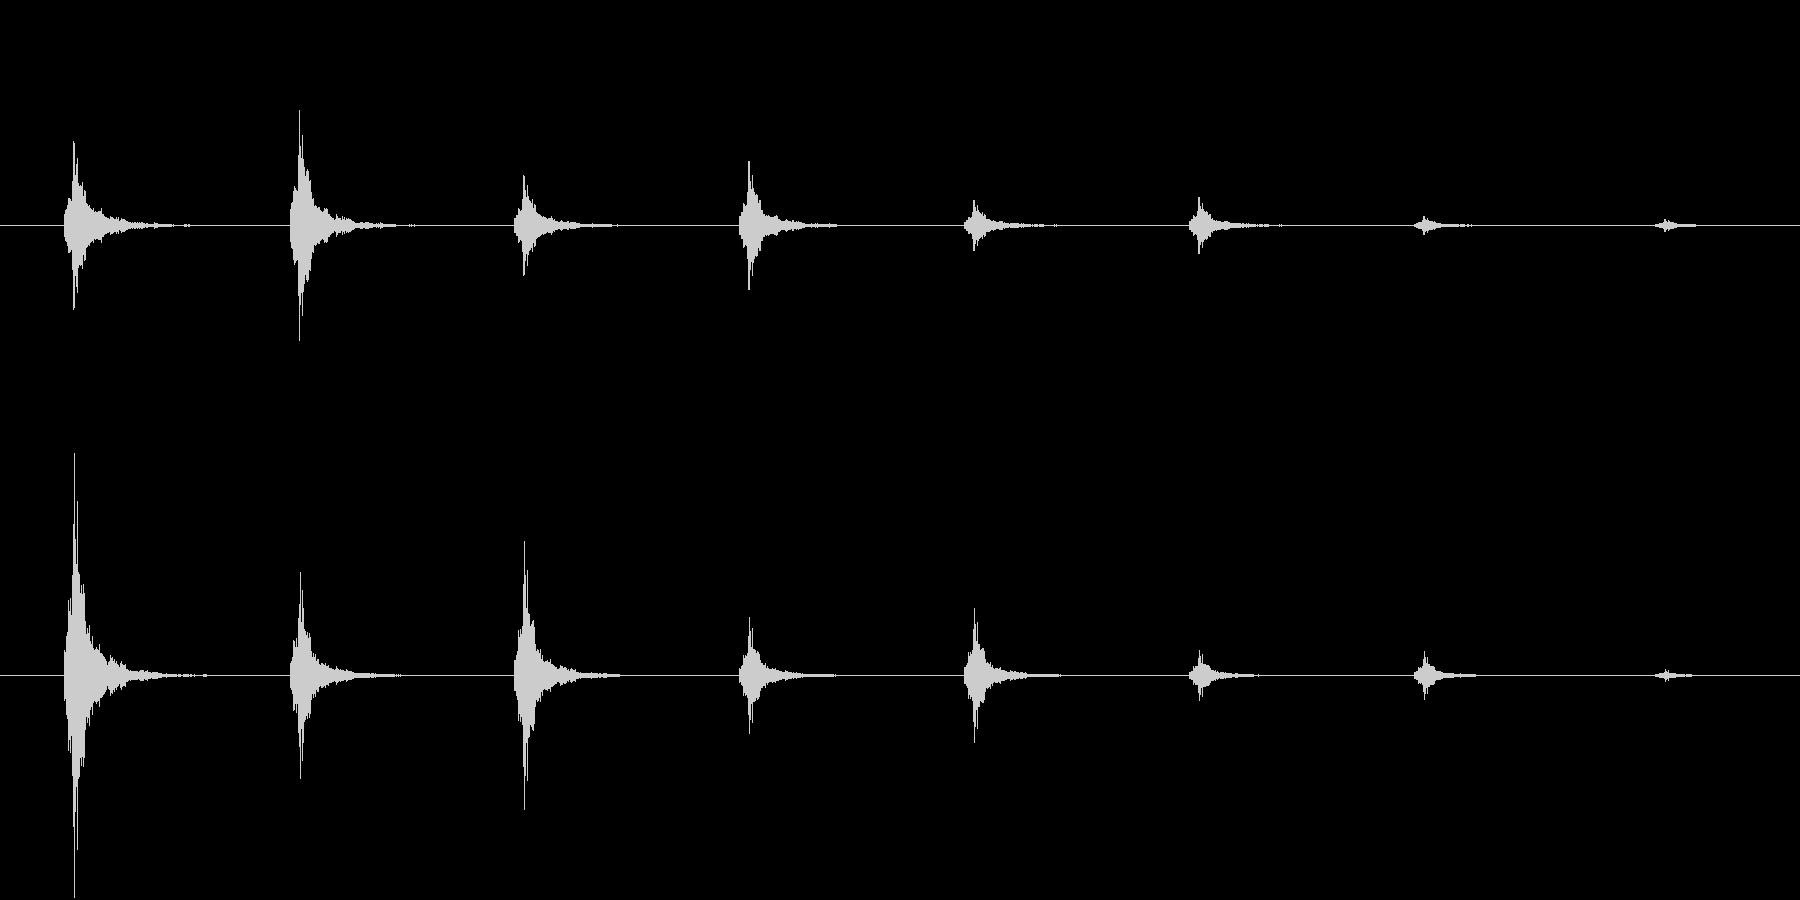 鈴の音が離れていく音(和風ホラー向け)の未再生の波形